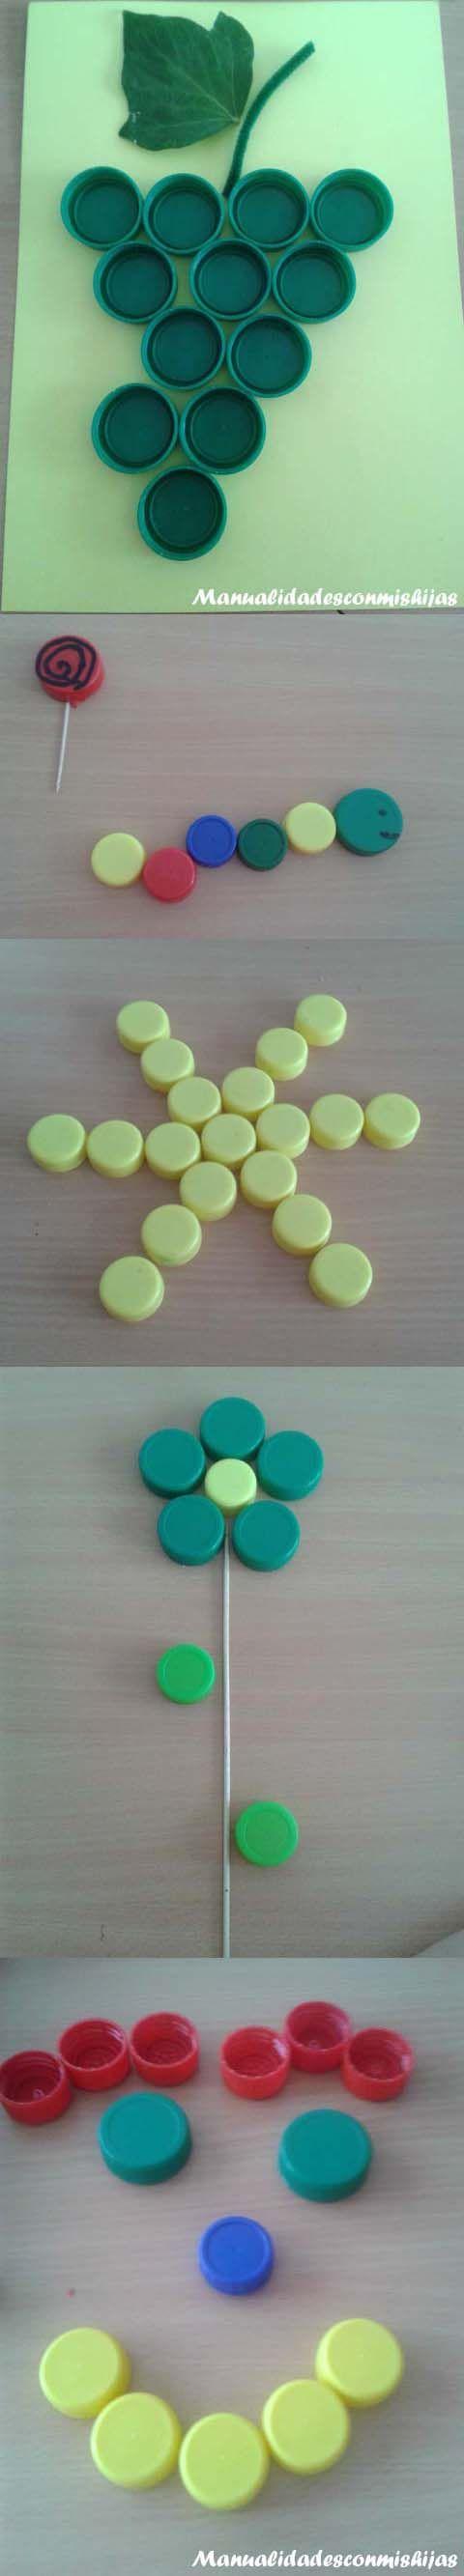 Figuras con tapones de plástico. Reciclado Recycled. Plastic Bottle Caps Uvas, estrella, gusano, cara sonriente, flor Grapes, star, caterpillar, flower, smiling face